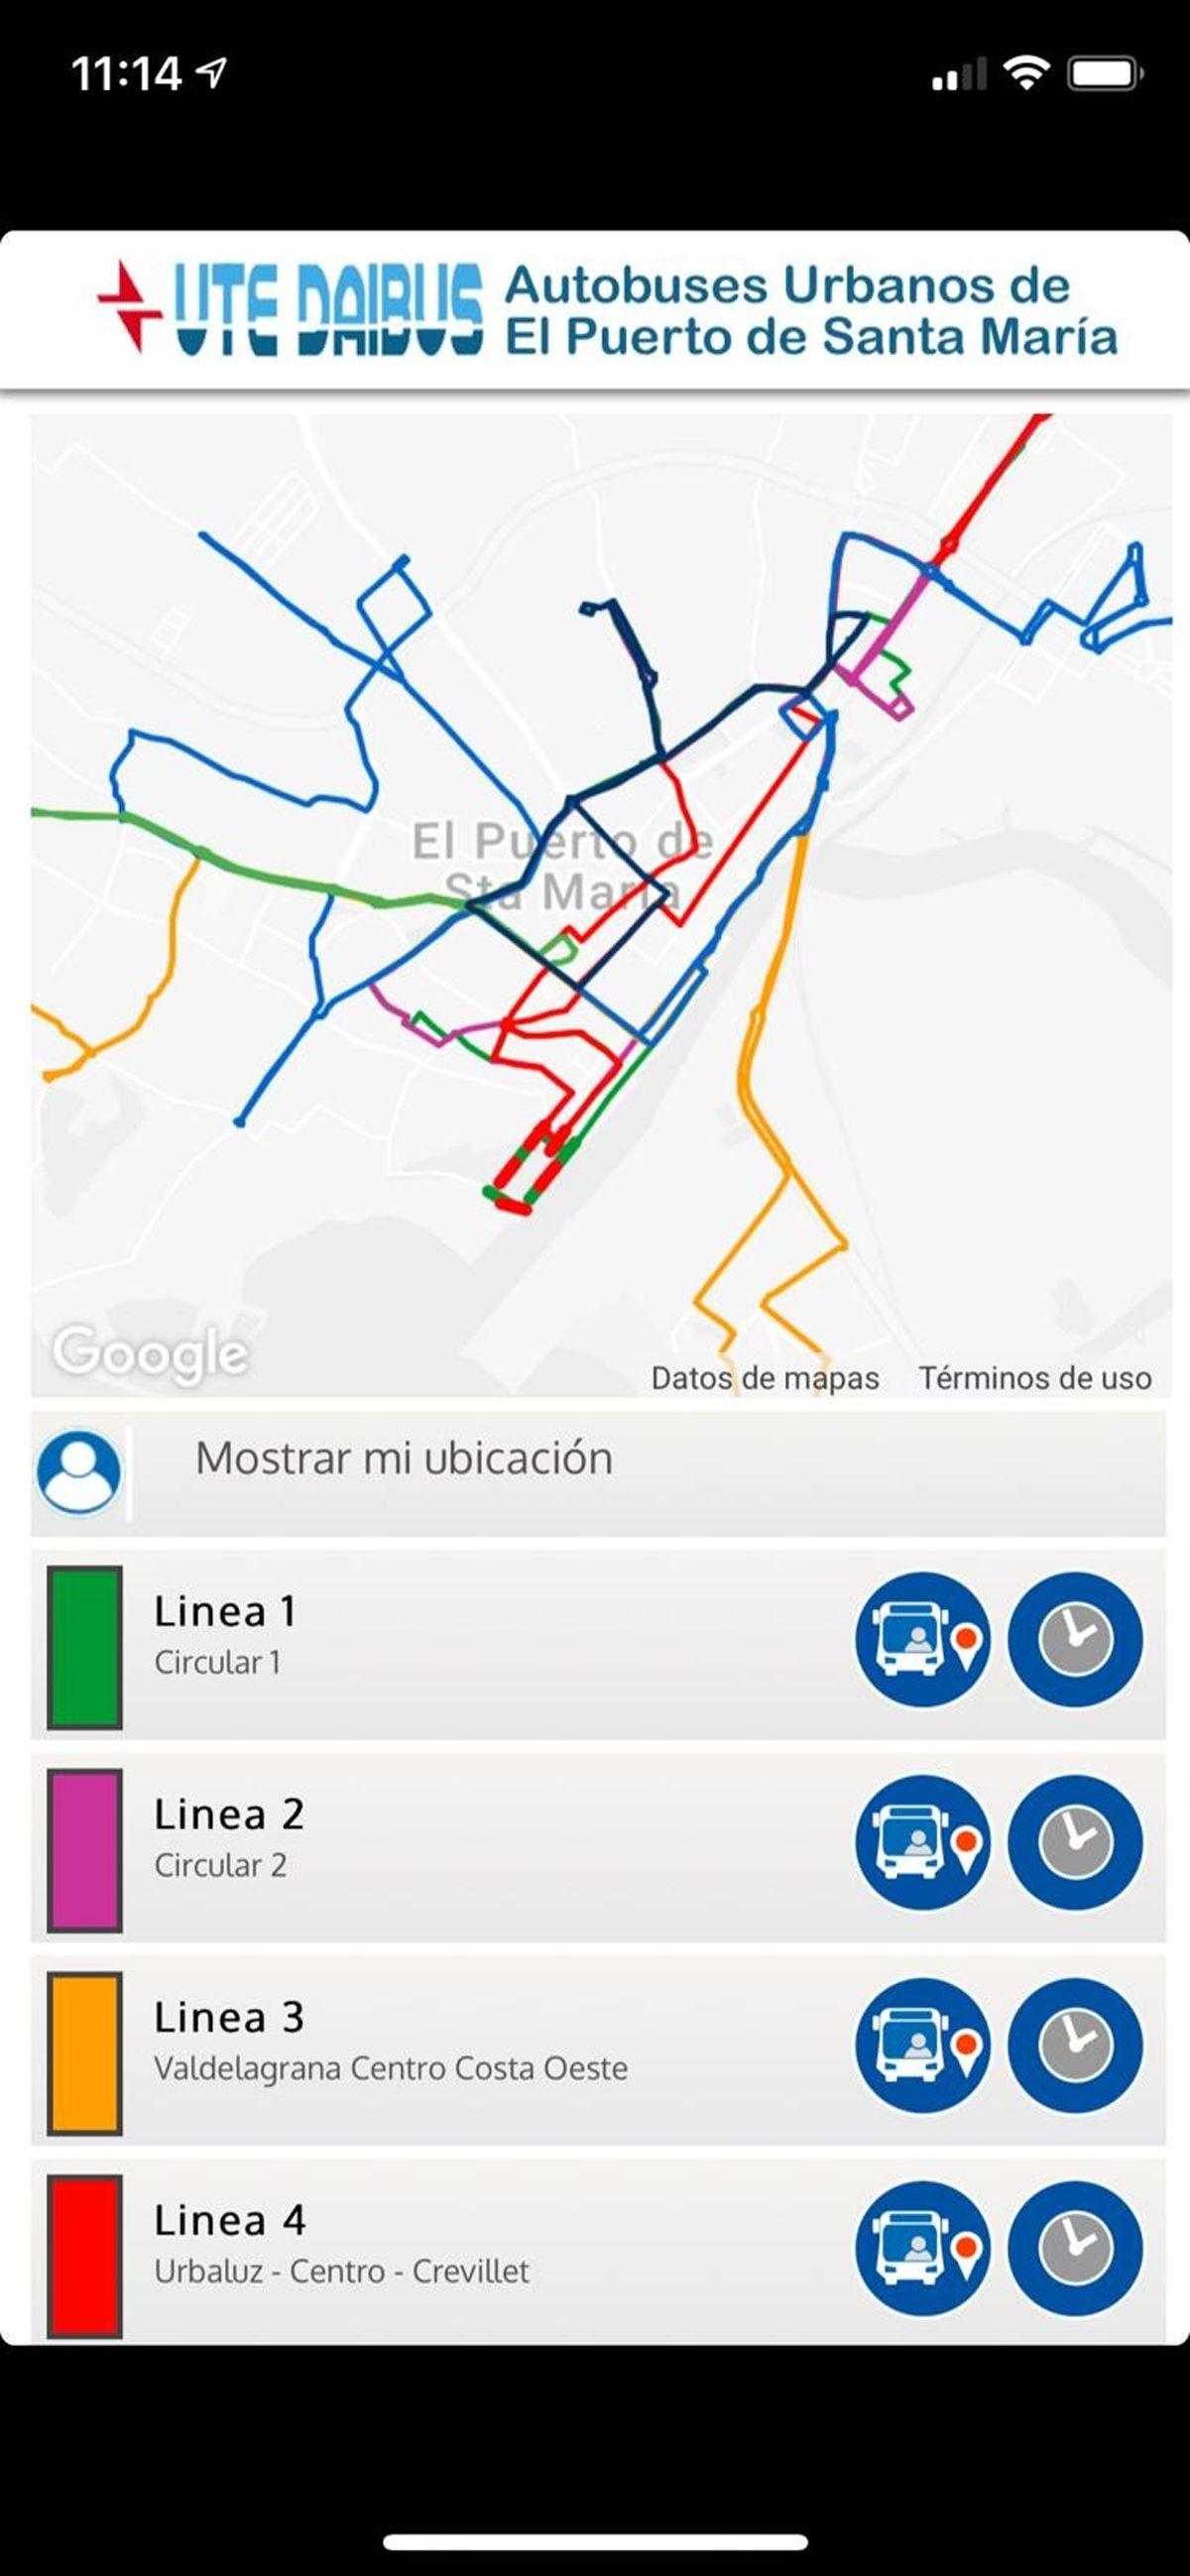 aplicación de los autobuses urbanos de El Puerto de Santa Maria